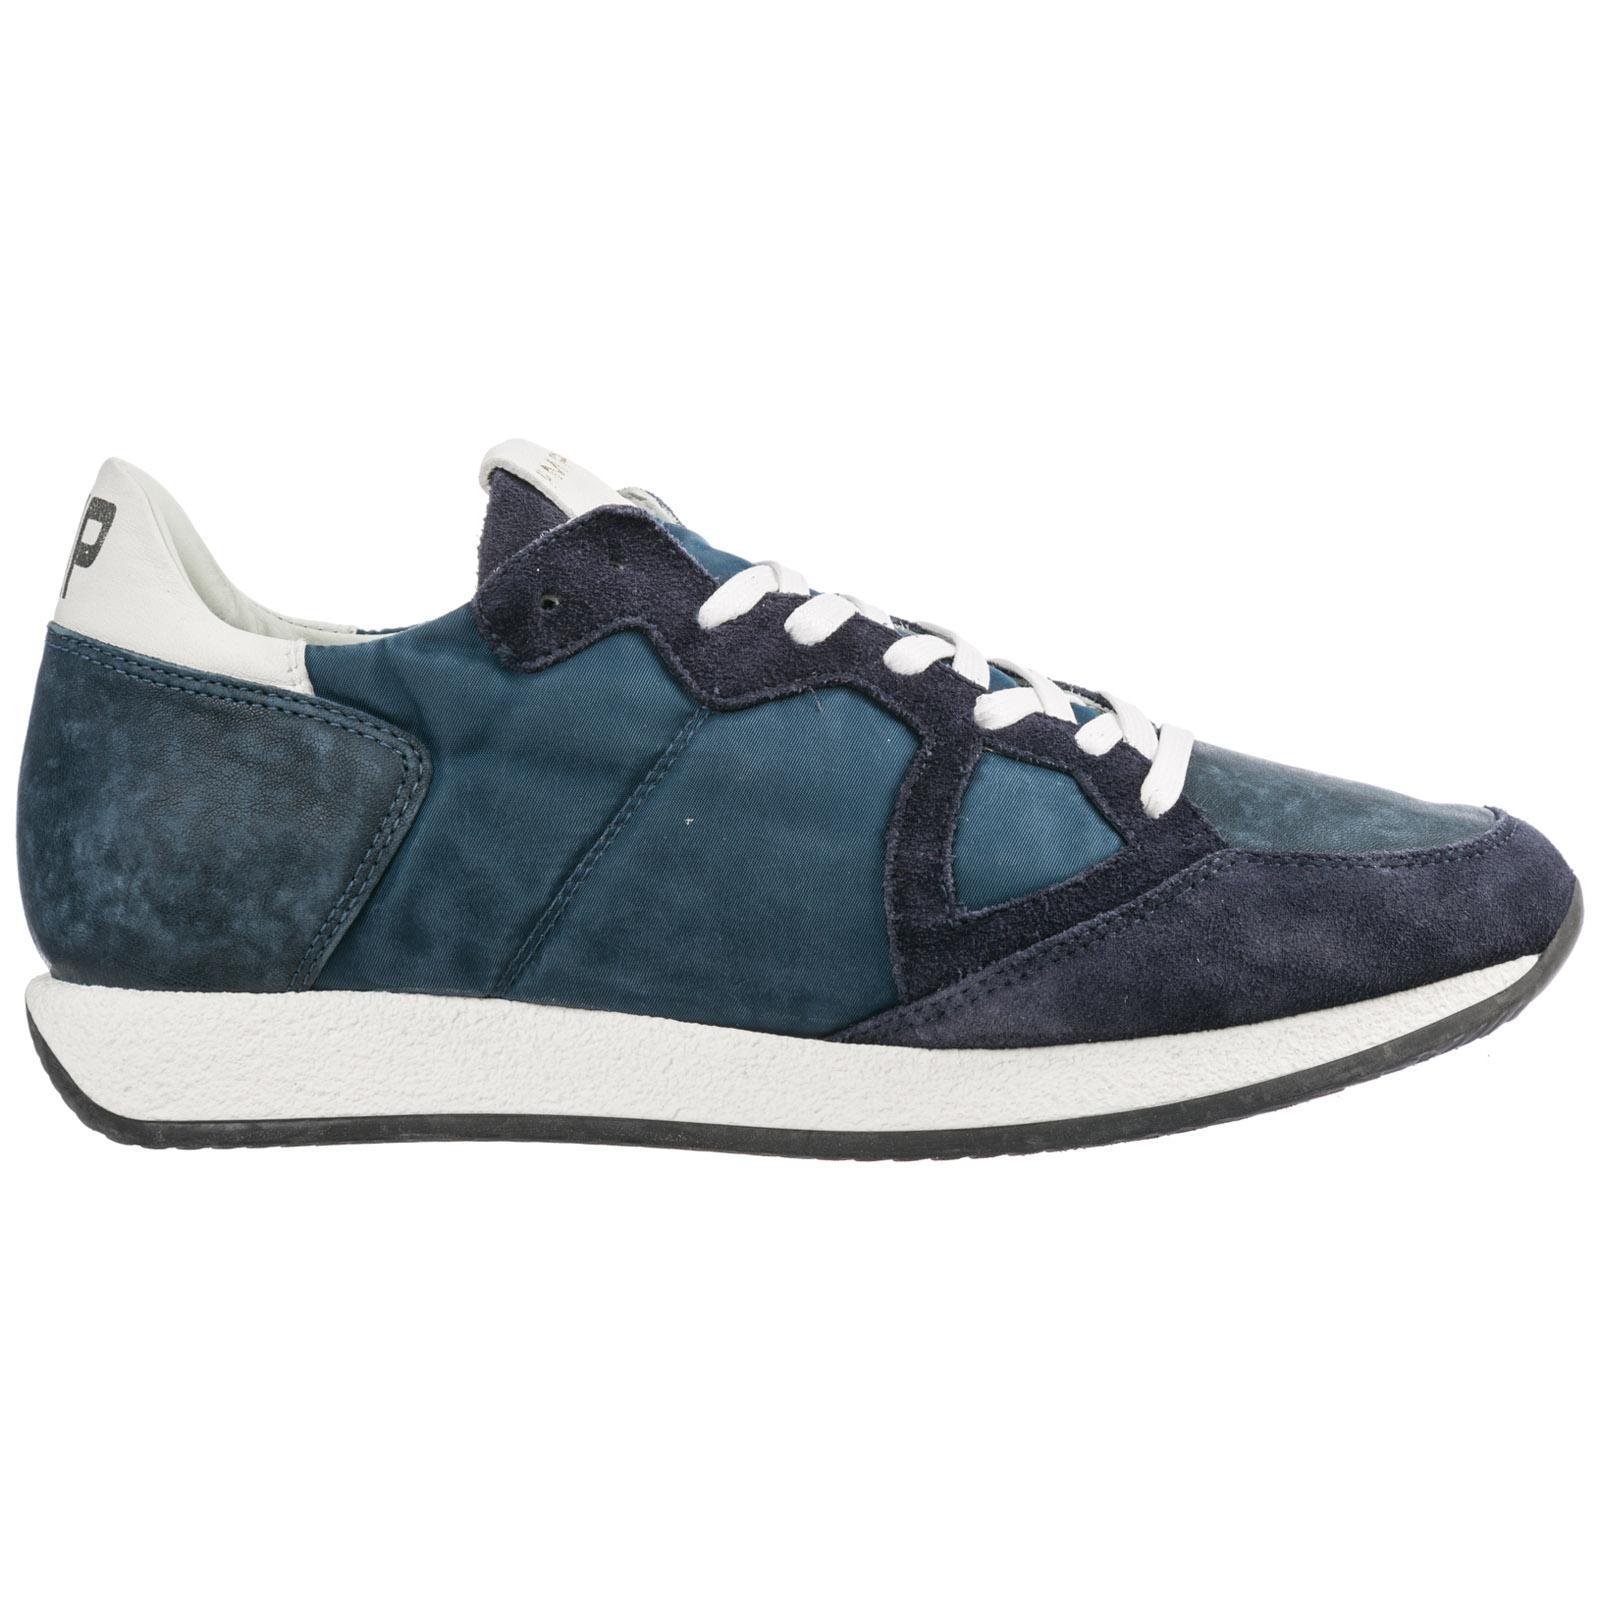 e6402b5d4c3 Lyst - Philippe Model Scarpe Sneakers Uomo Camoscio Monaco in Blue ...